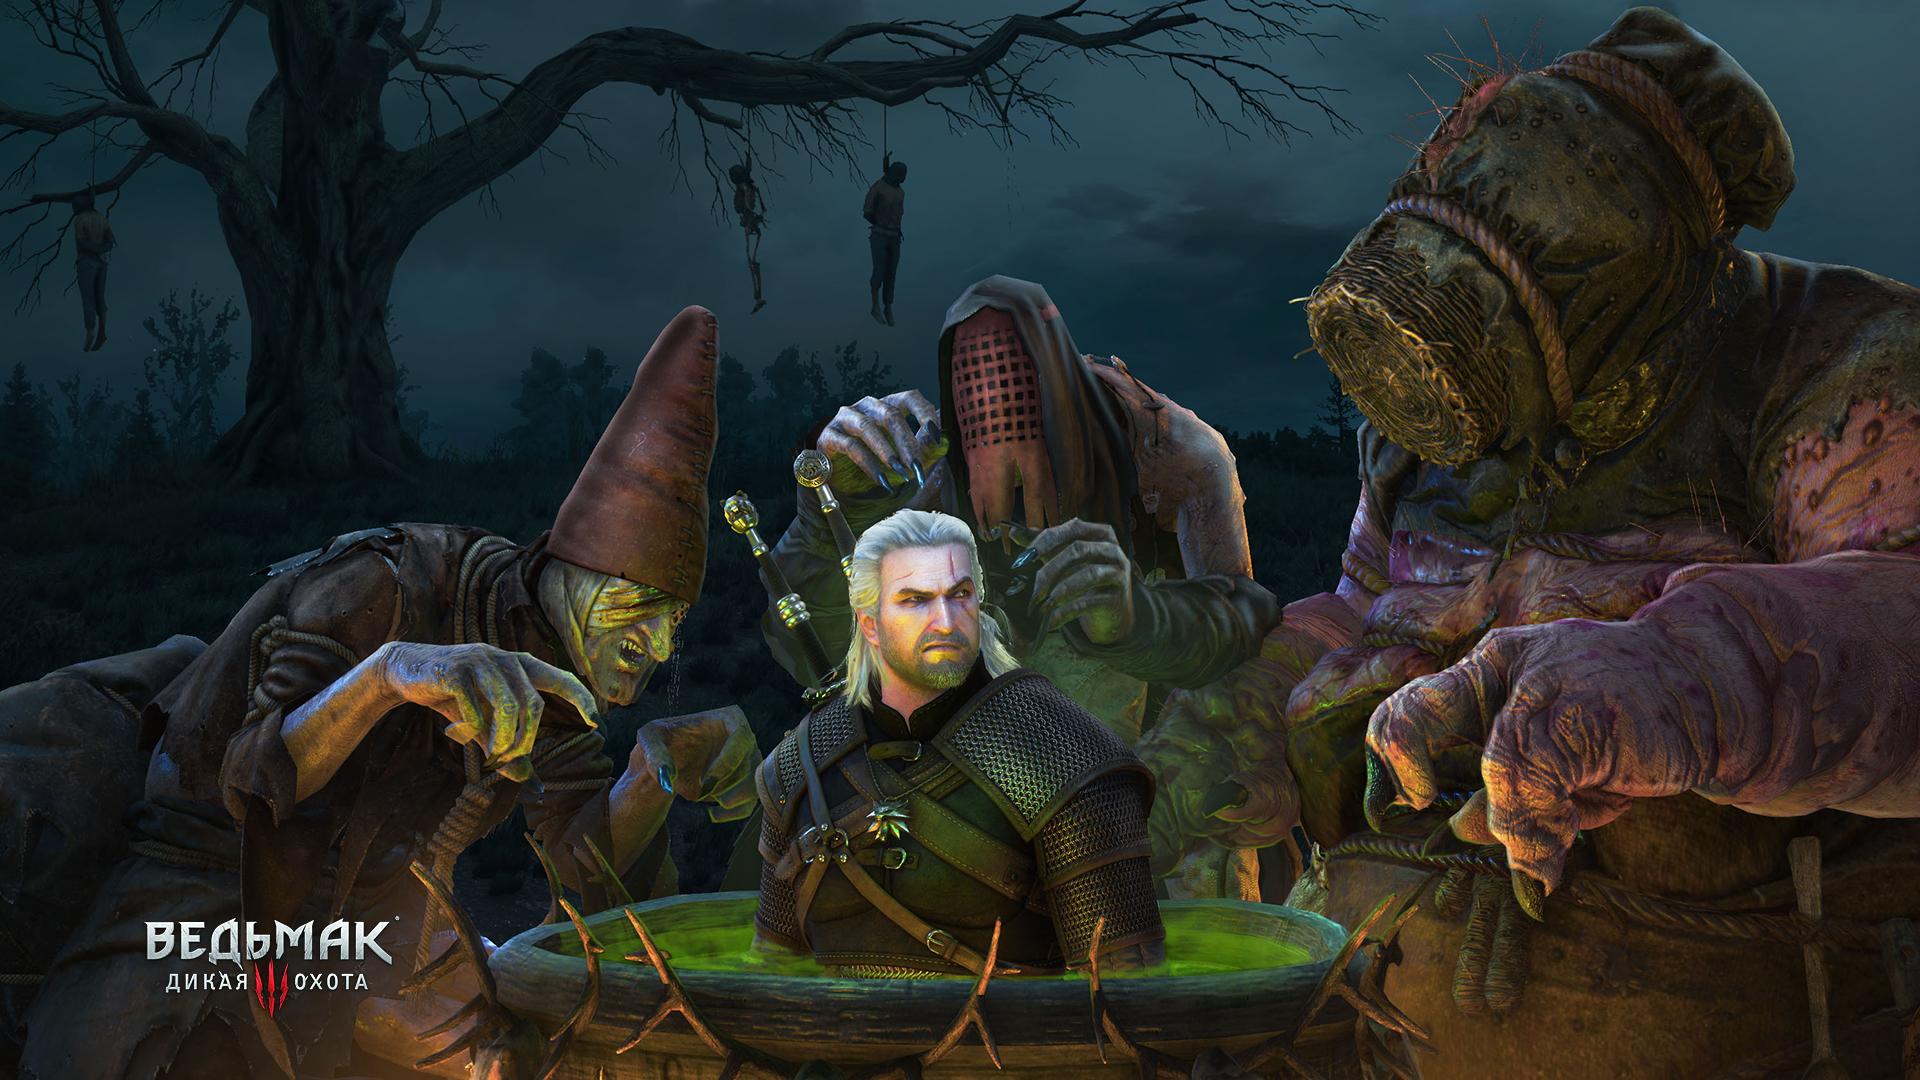 Хэллоуин вместе с Геральтом!    Обои по Ведьмаку к Хэллоуину.    #RВедьмак #Хэллоуин  - Изображение 2